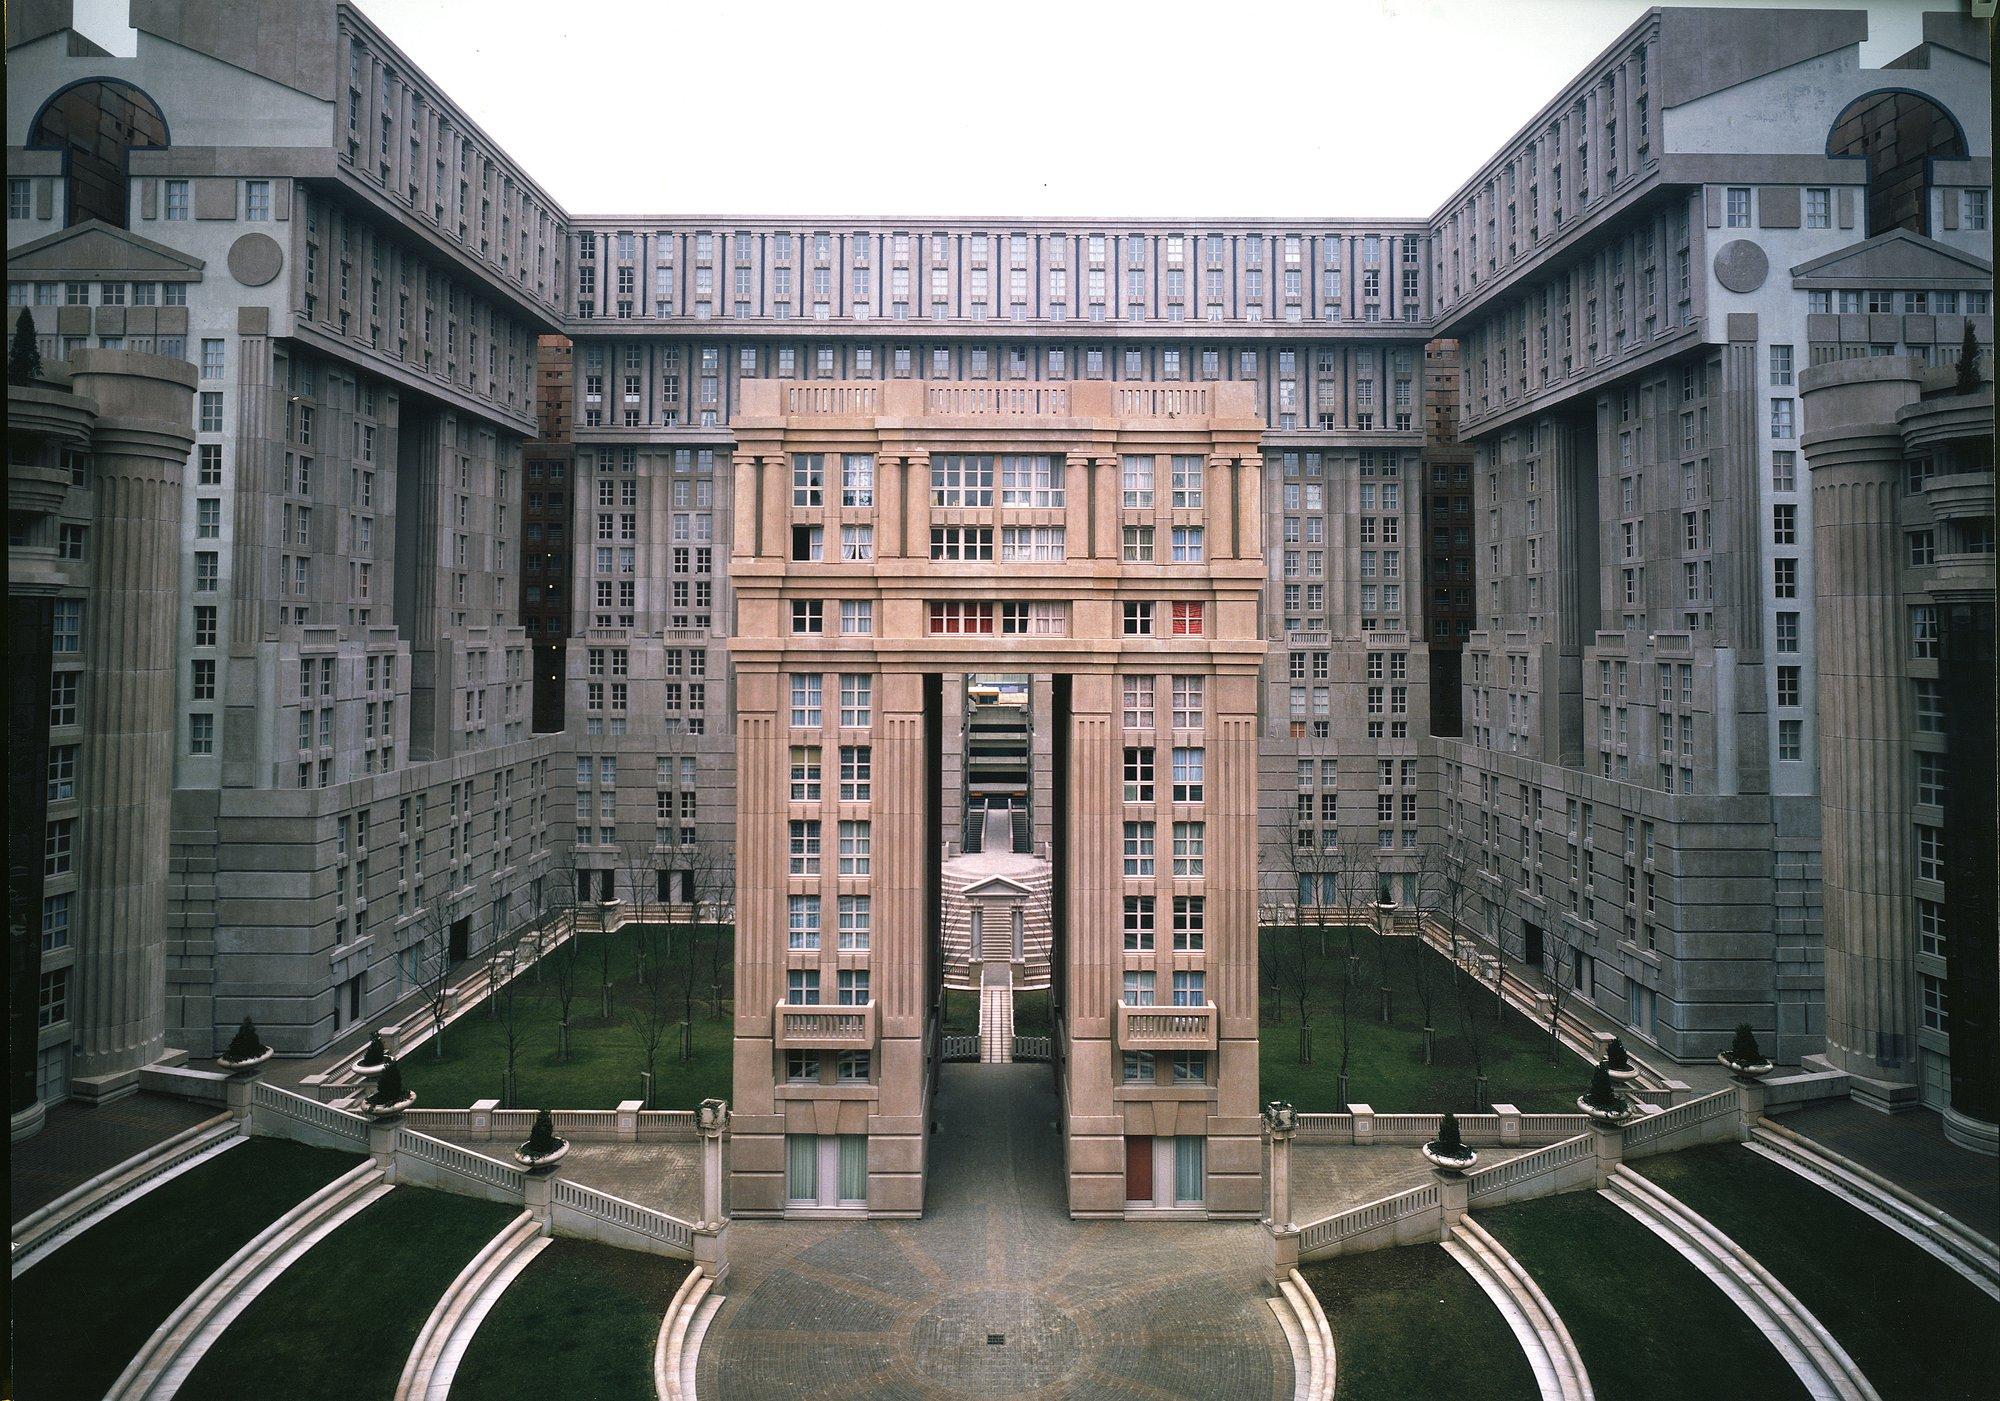 fatti di storie_architettura_Les espaces d'Abraxas_Bofill